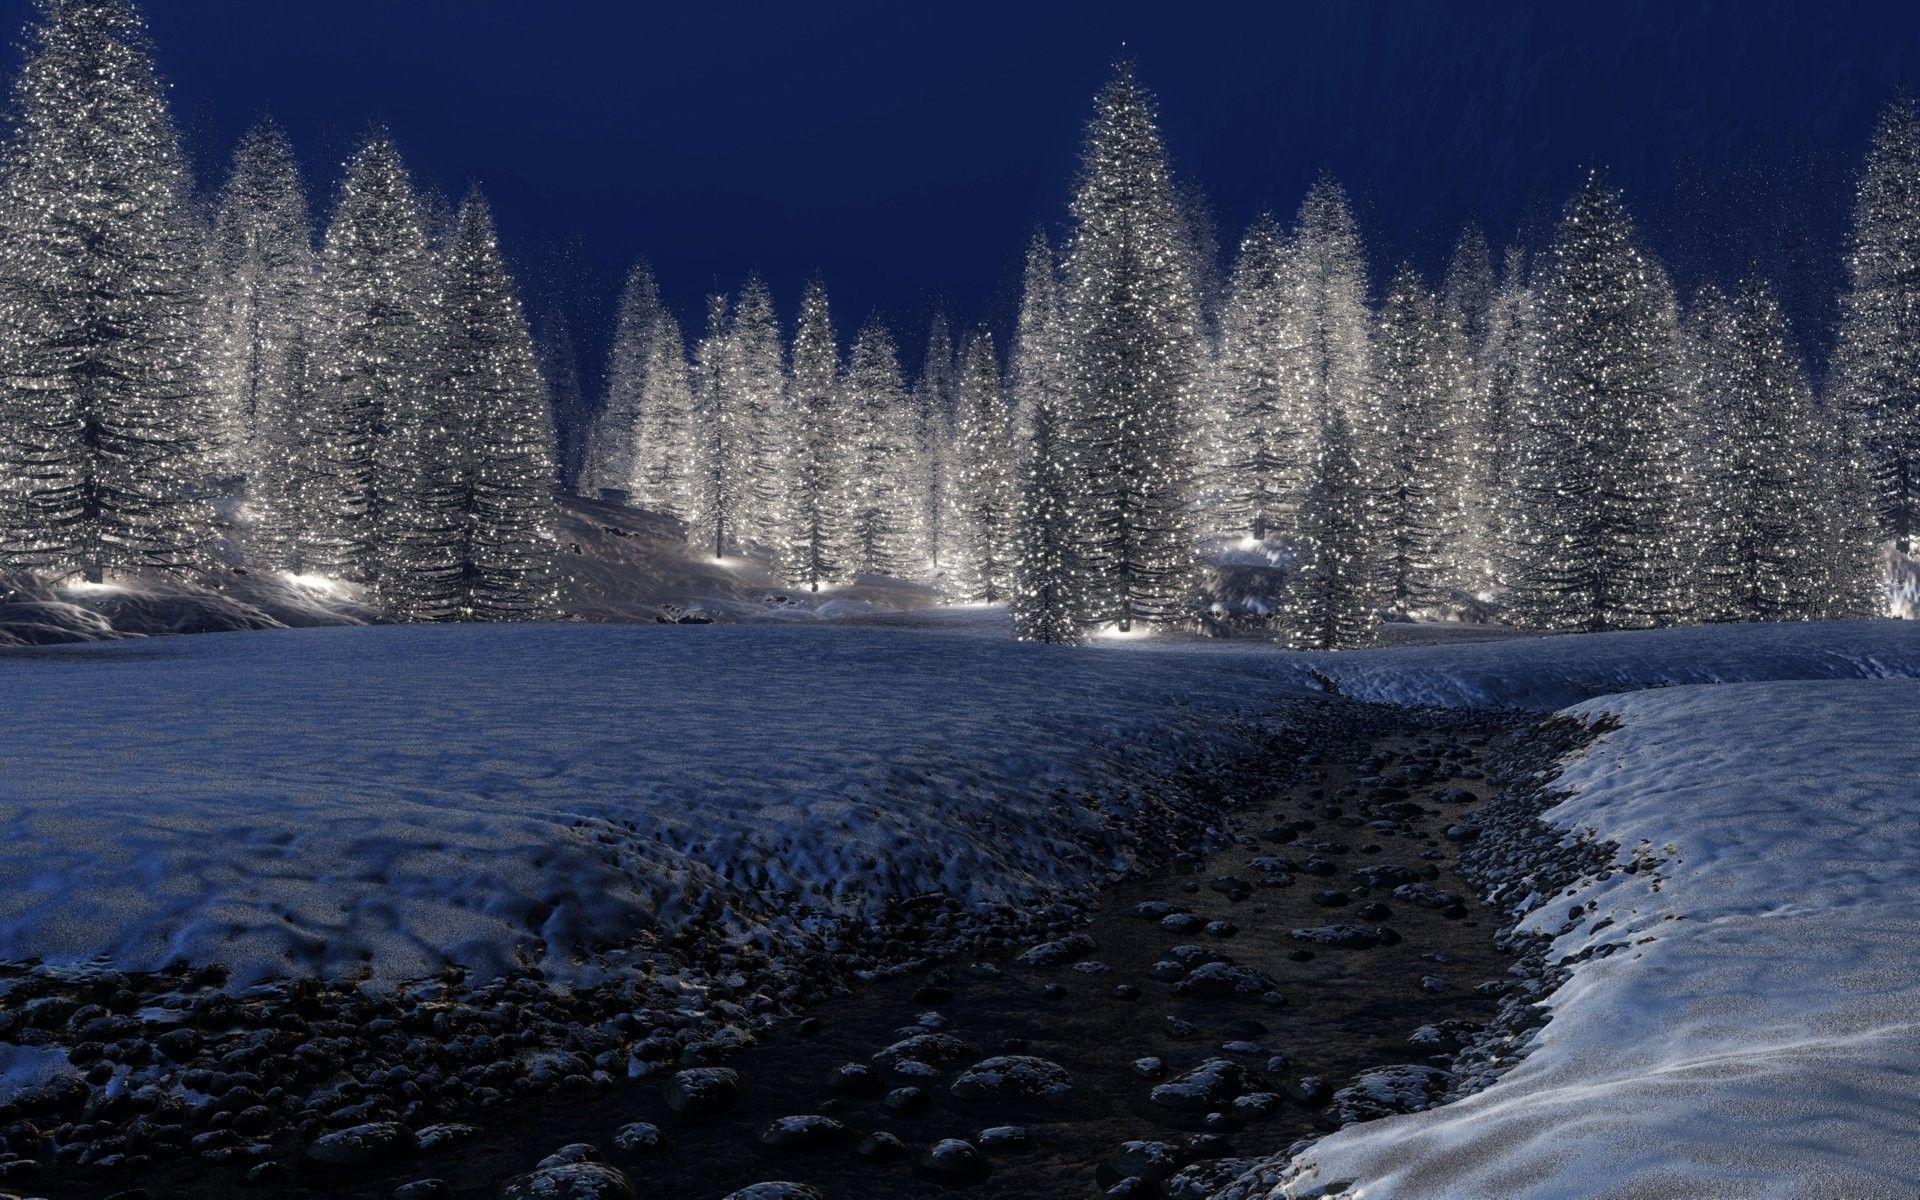 Winter scene desktop background 56 images - Winter desktop ...